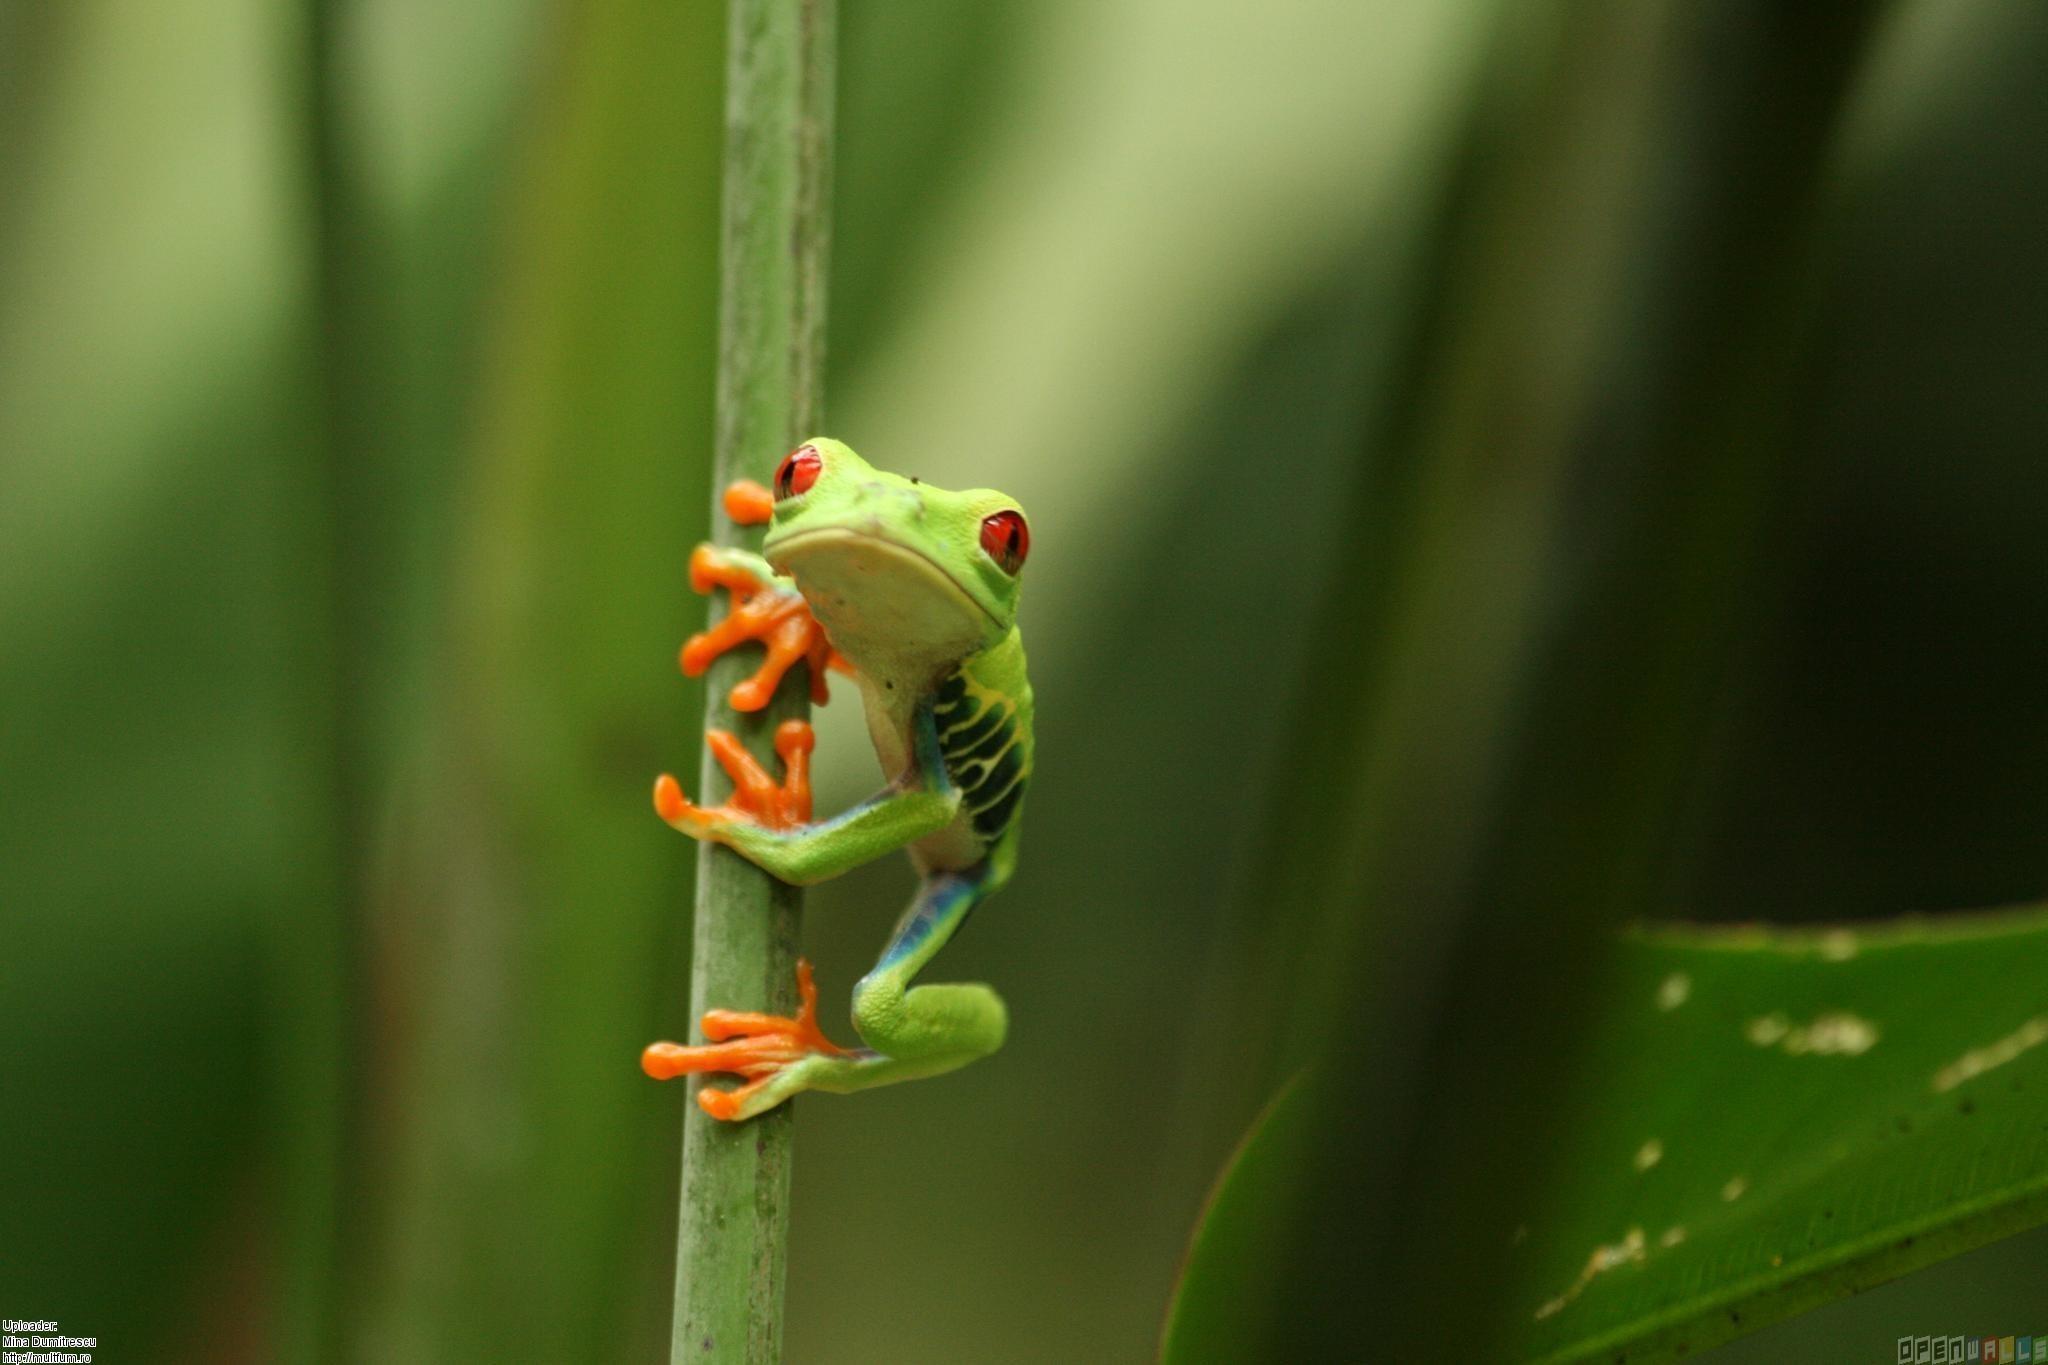 Cute Frog HD Wallpaper Wallpaper WallpaperMinecom 2048x1365